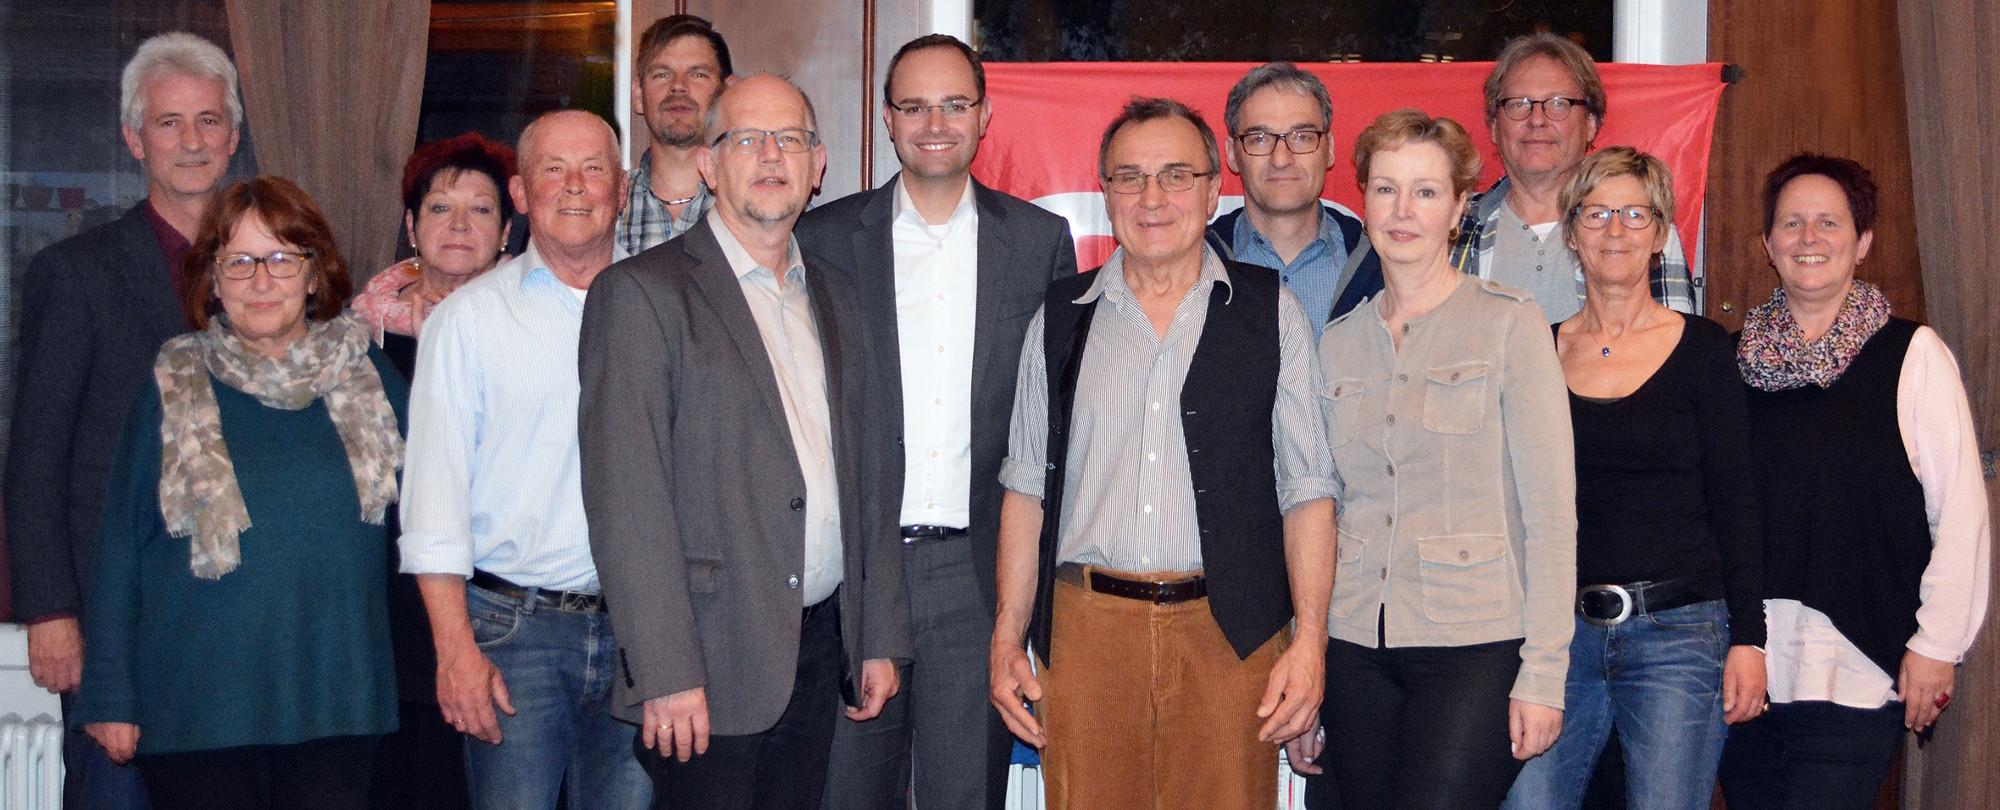 SPD Gruppenfoto